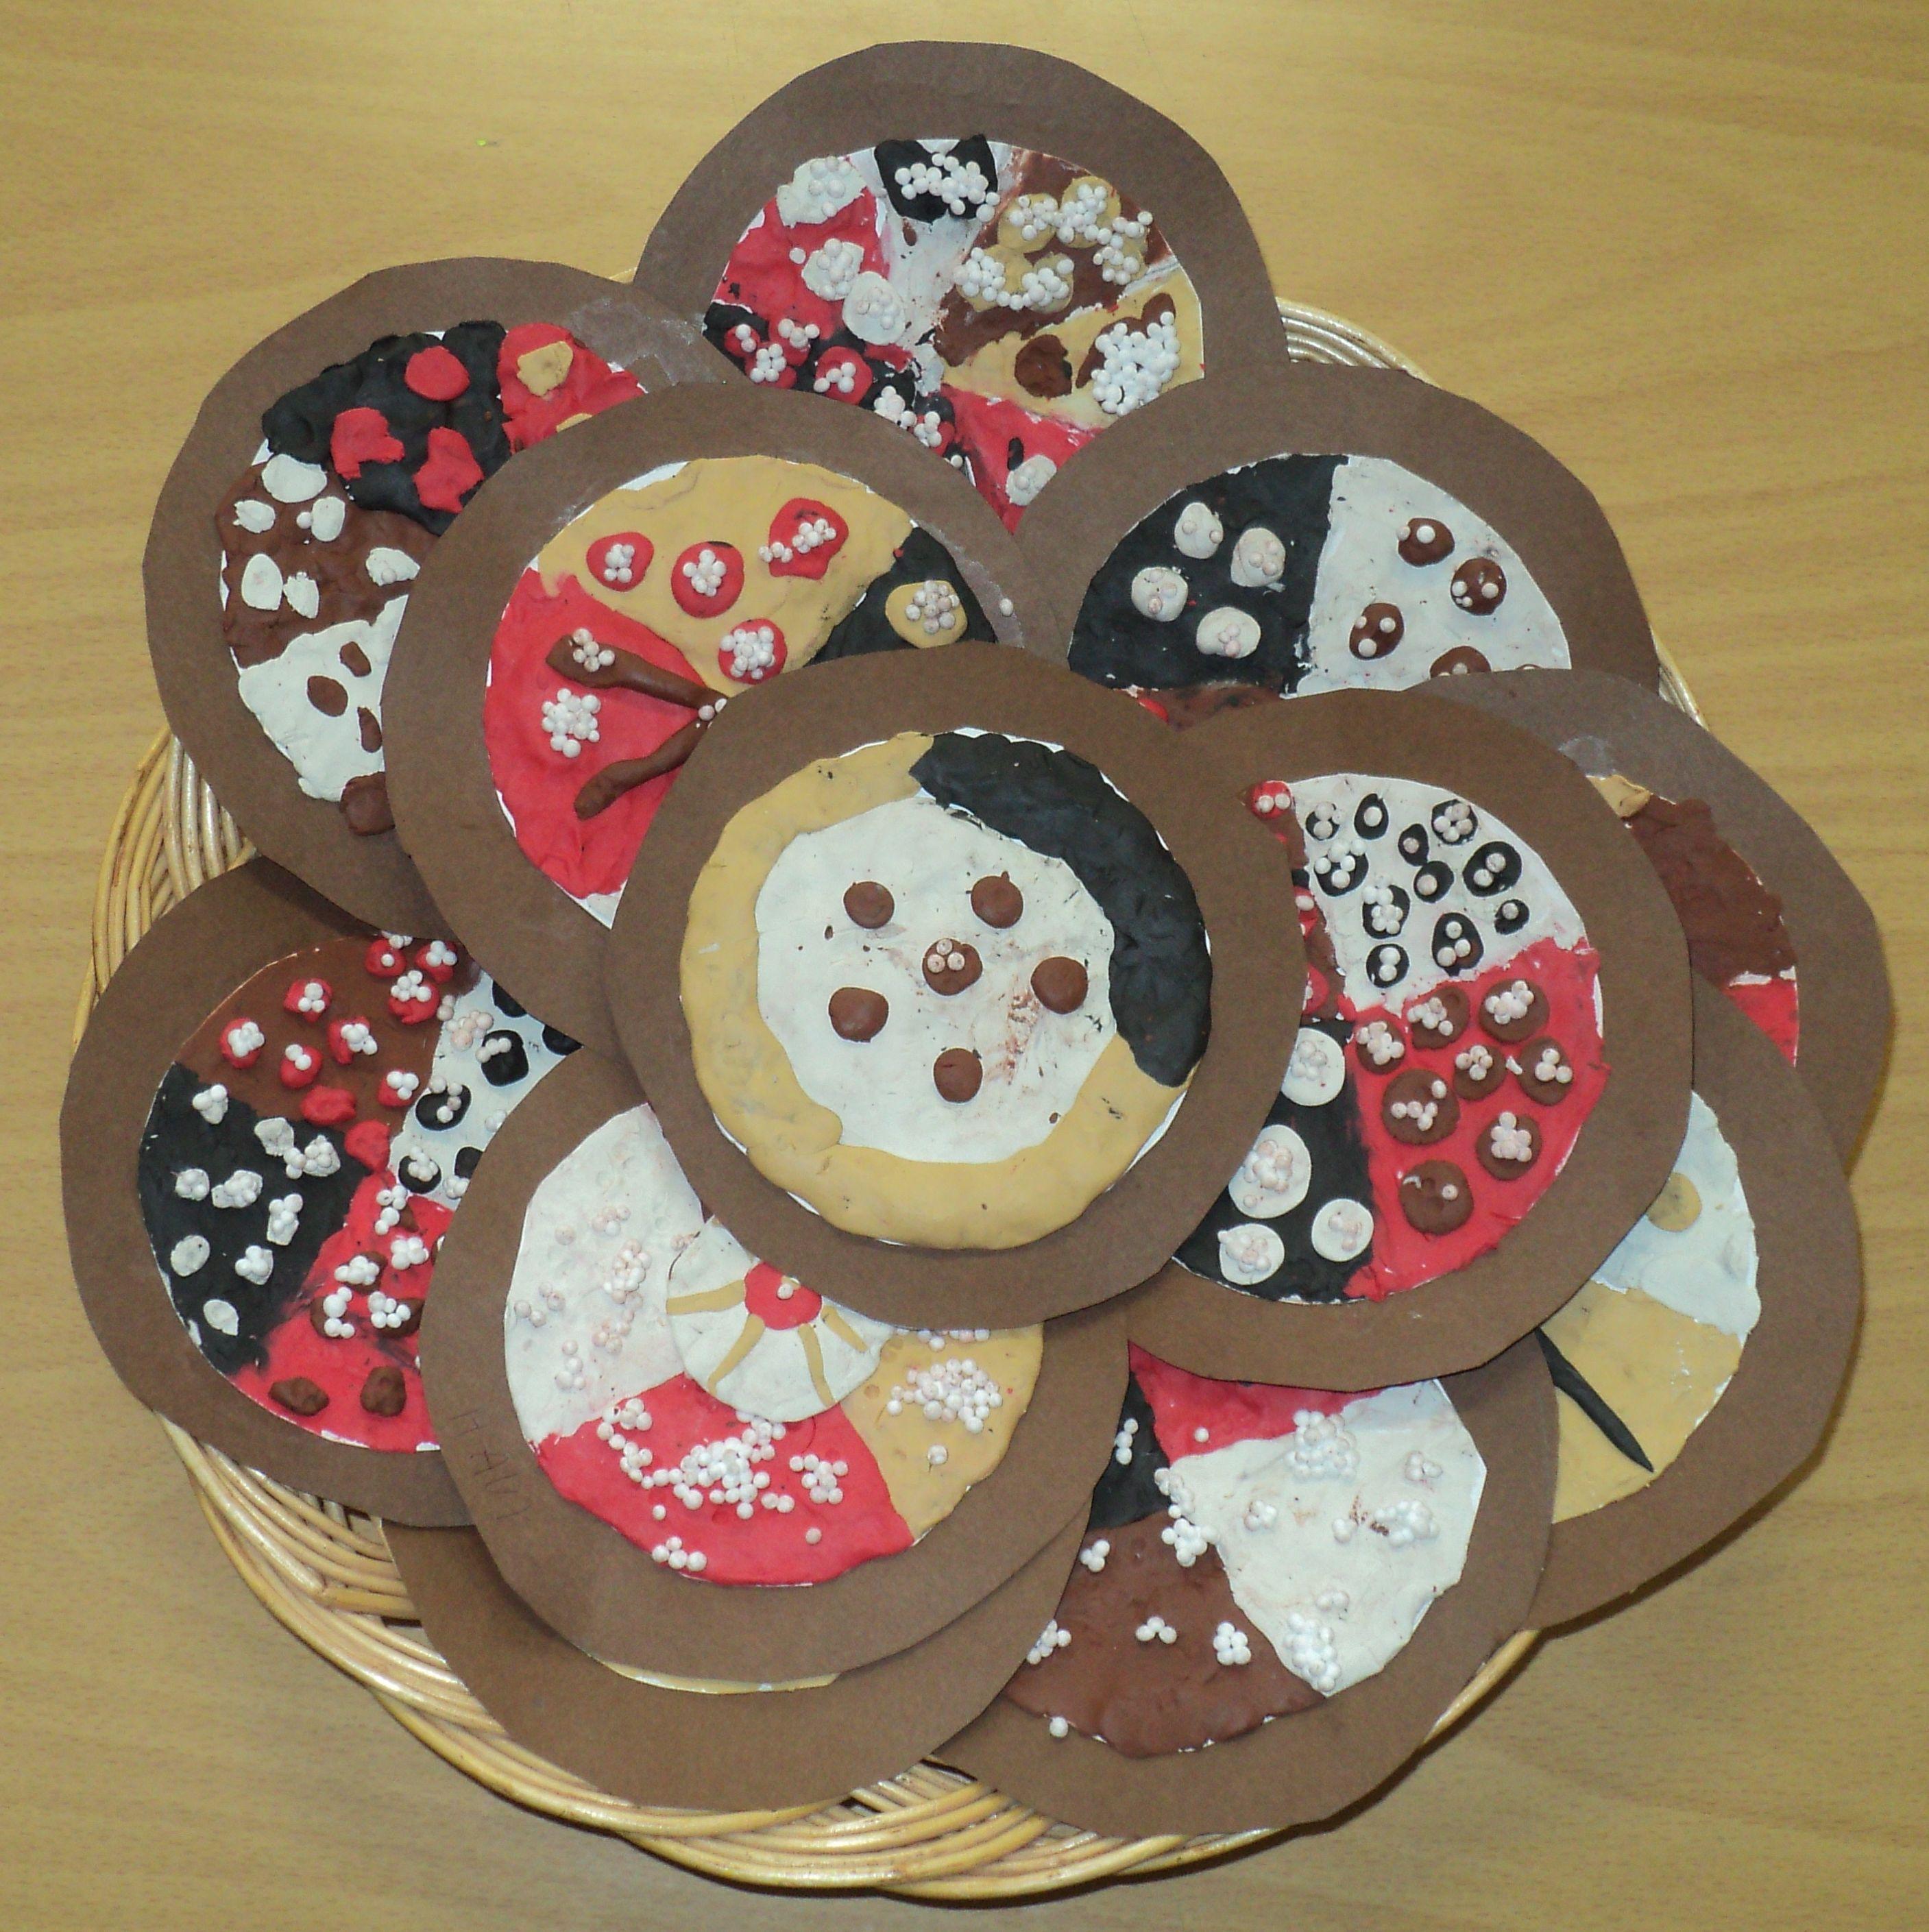 Posvícenské koláče - barevný papír, plastelína a kuličková modelína | Diy  for kids, Kids art projects, Art for kids